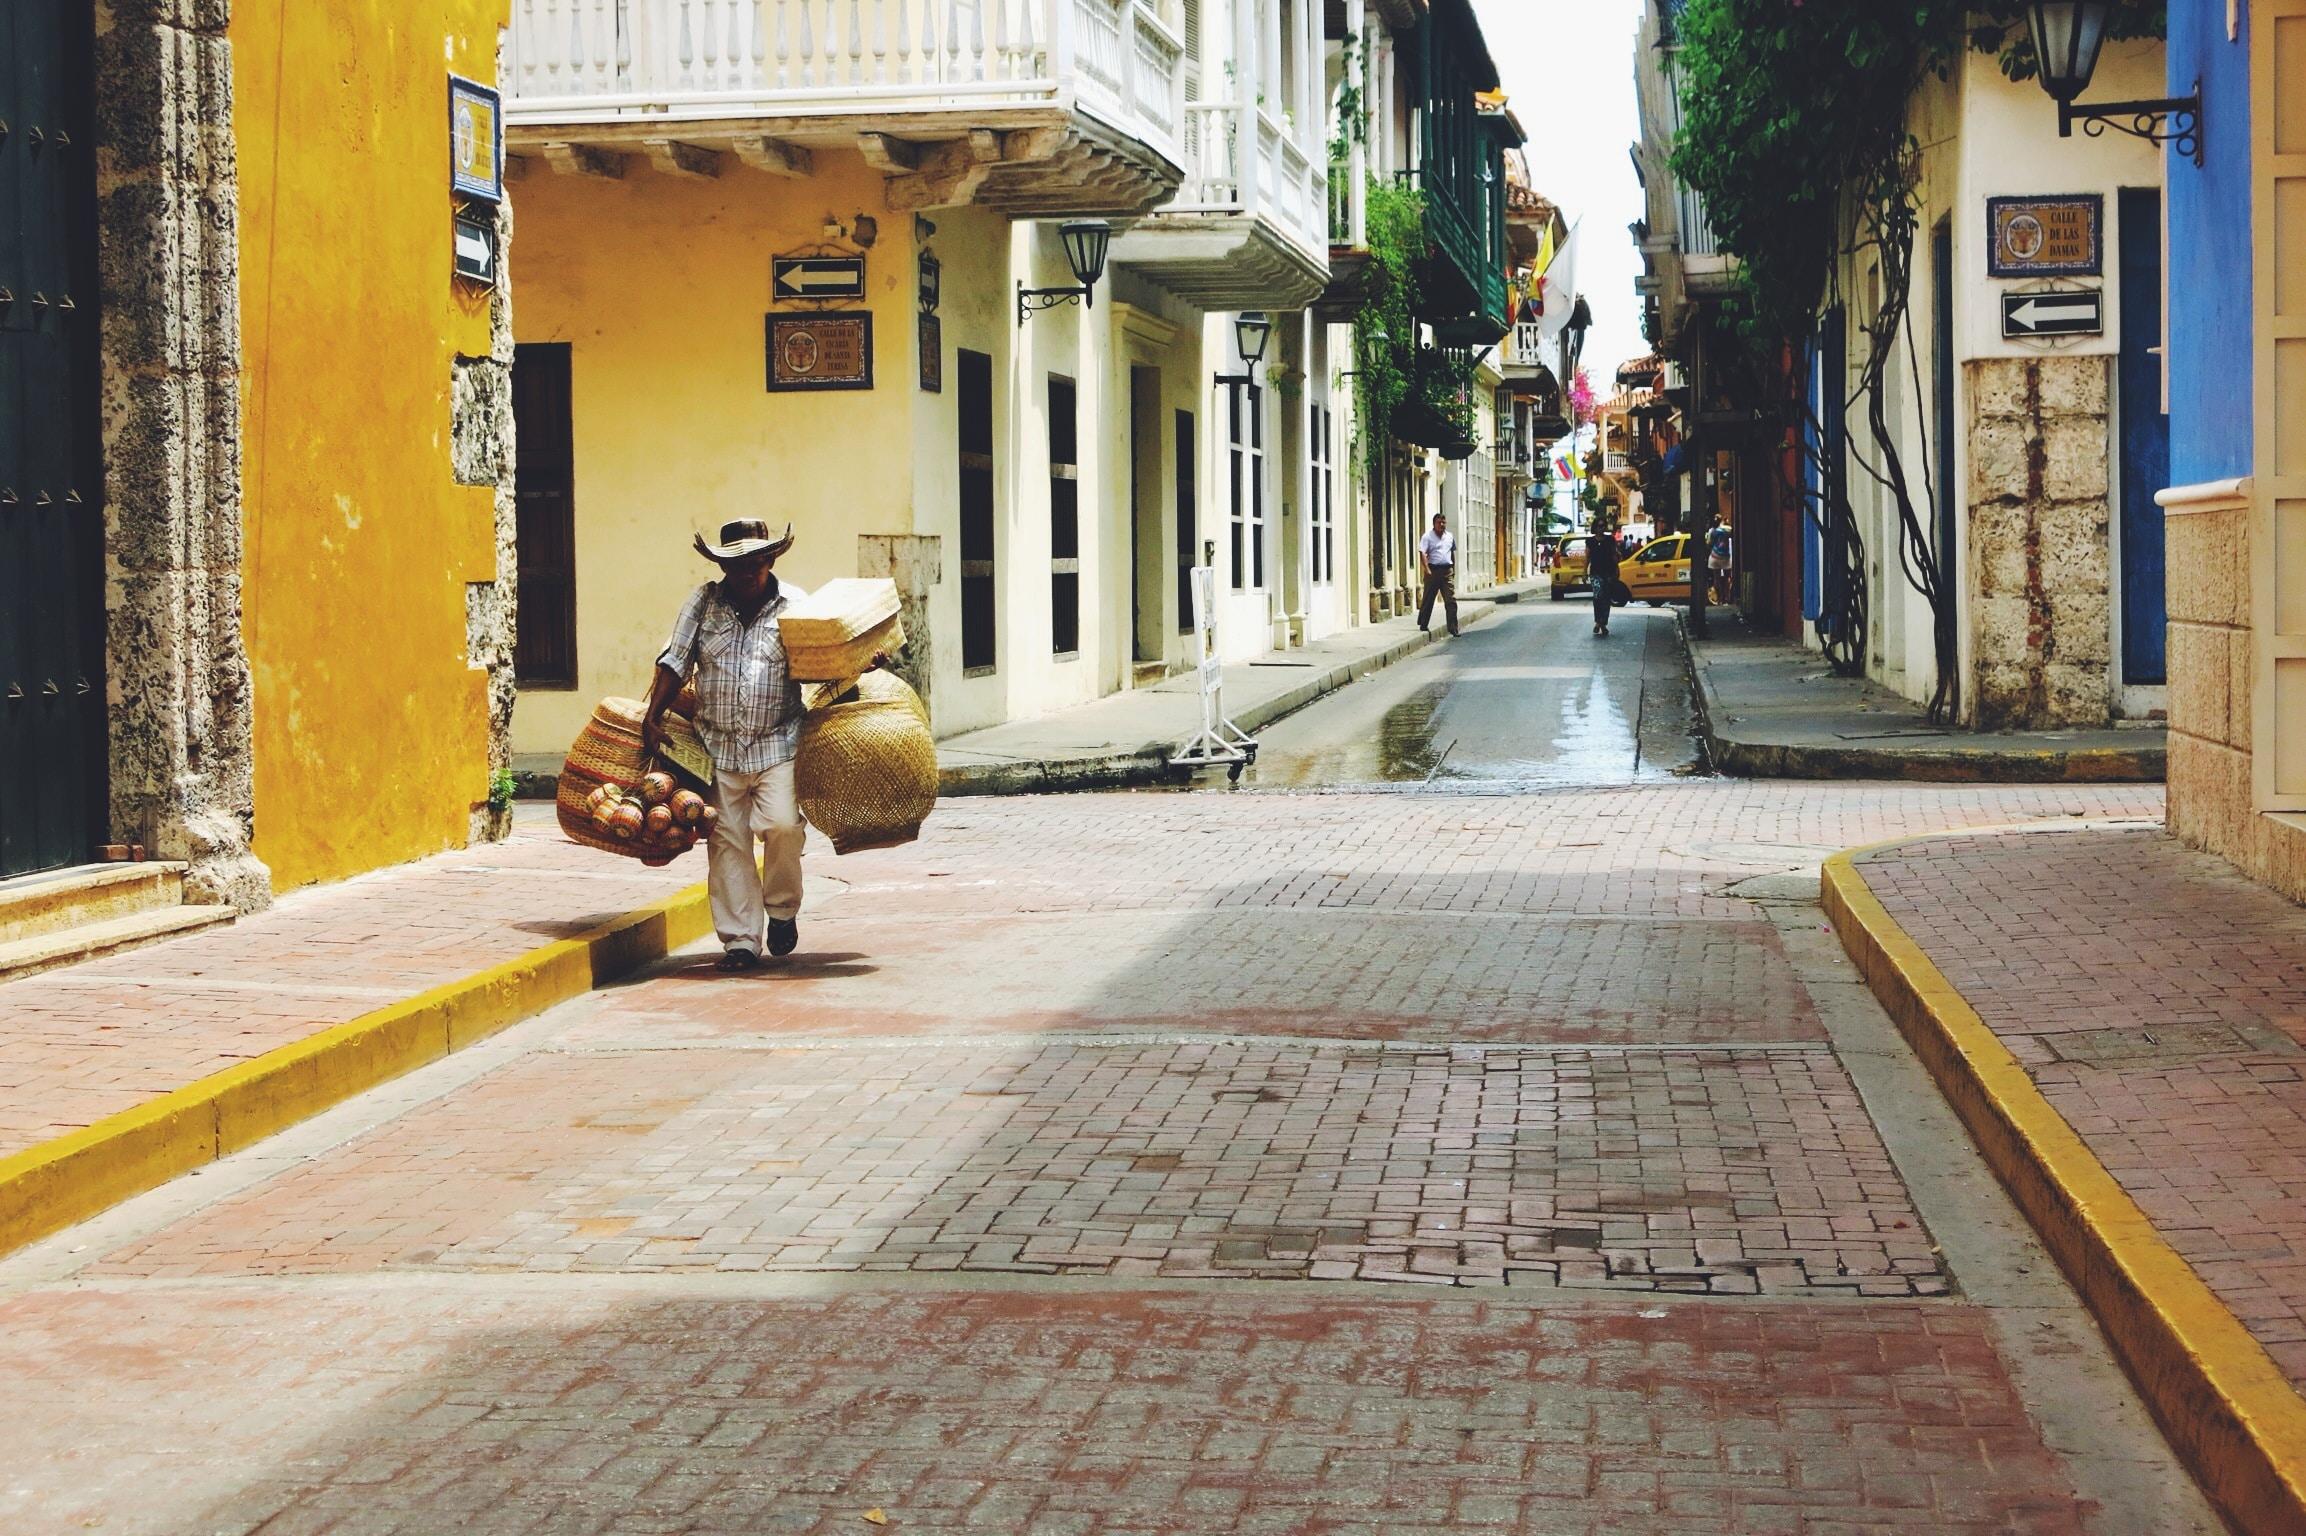 man selling baskets walking on street between buildings